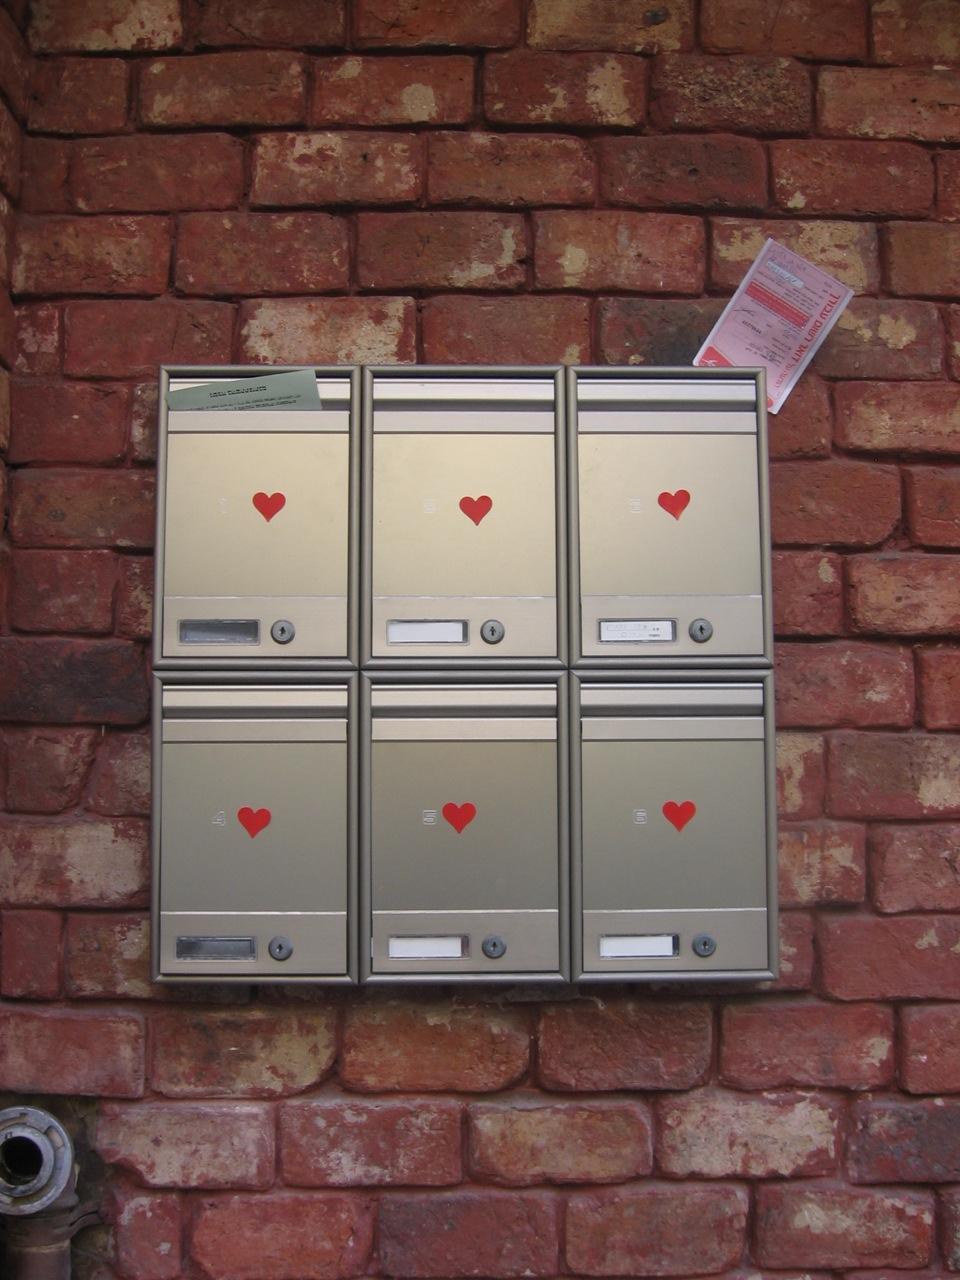 תיבות דואר עם לבבות בתל אביב, של  יוחאי מטוס  / hearts on mailboxes in Tel Aviv, by  Yochai Matos